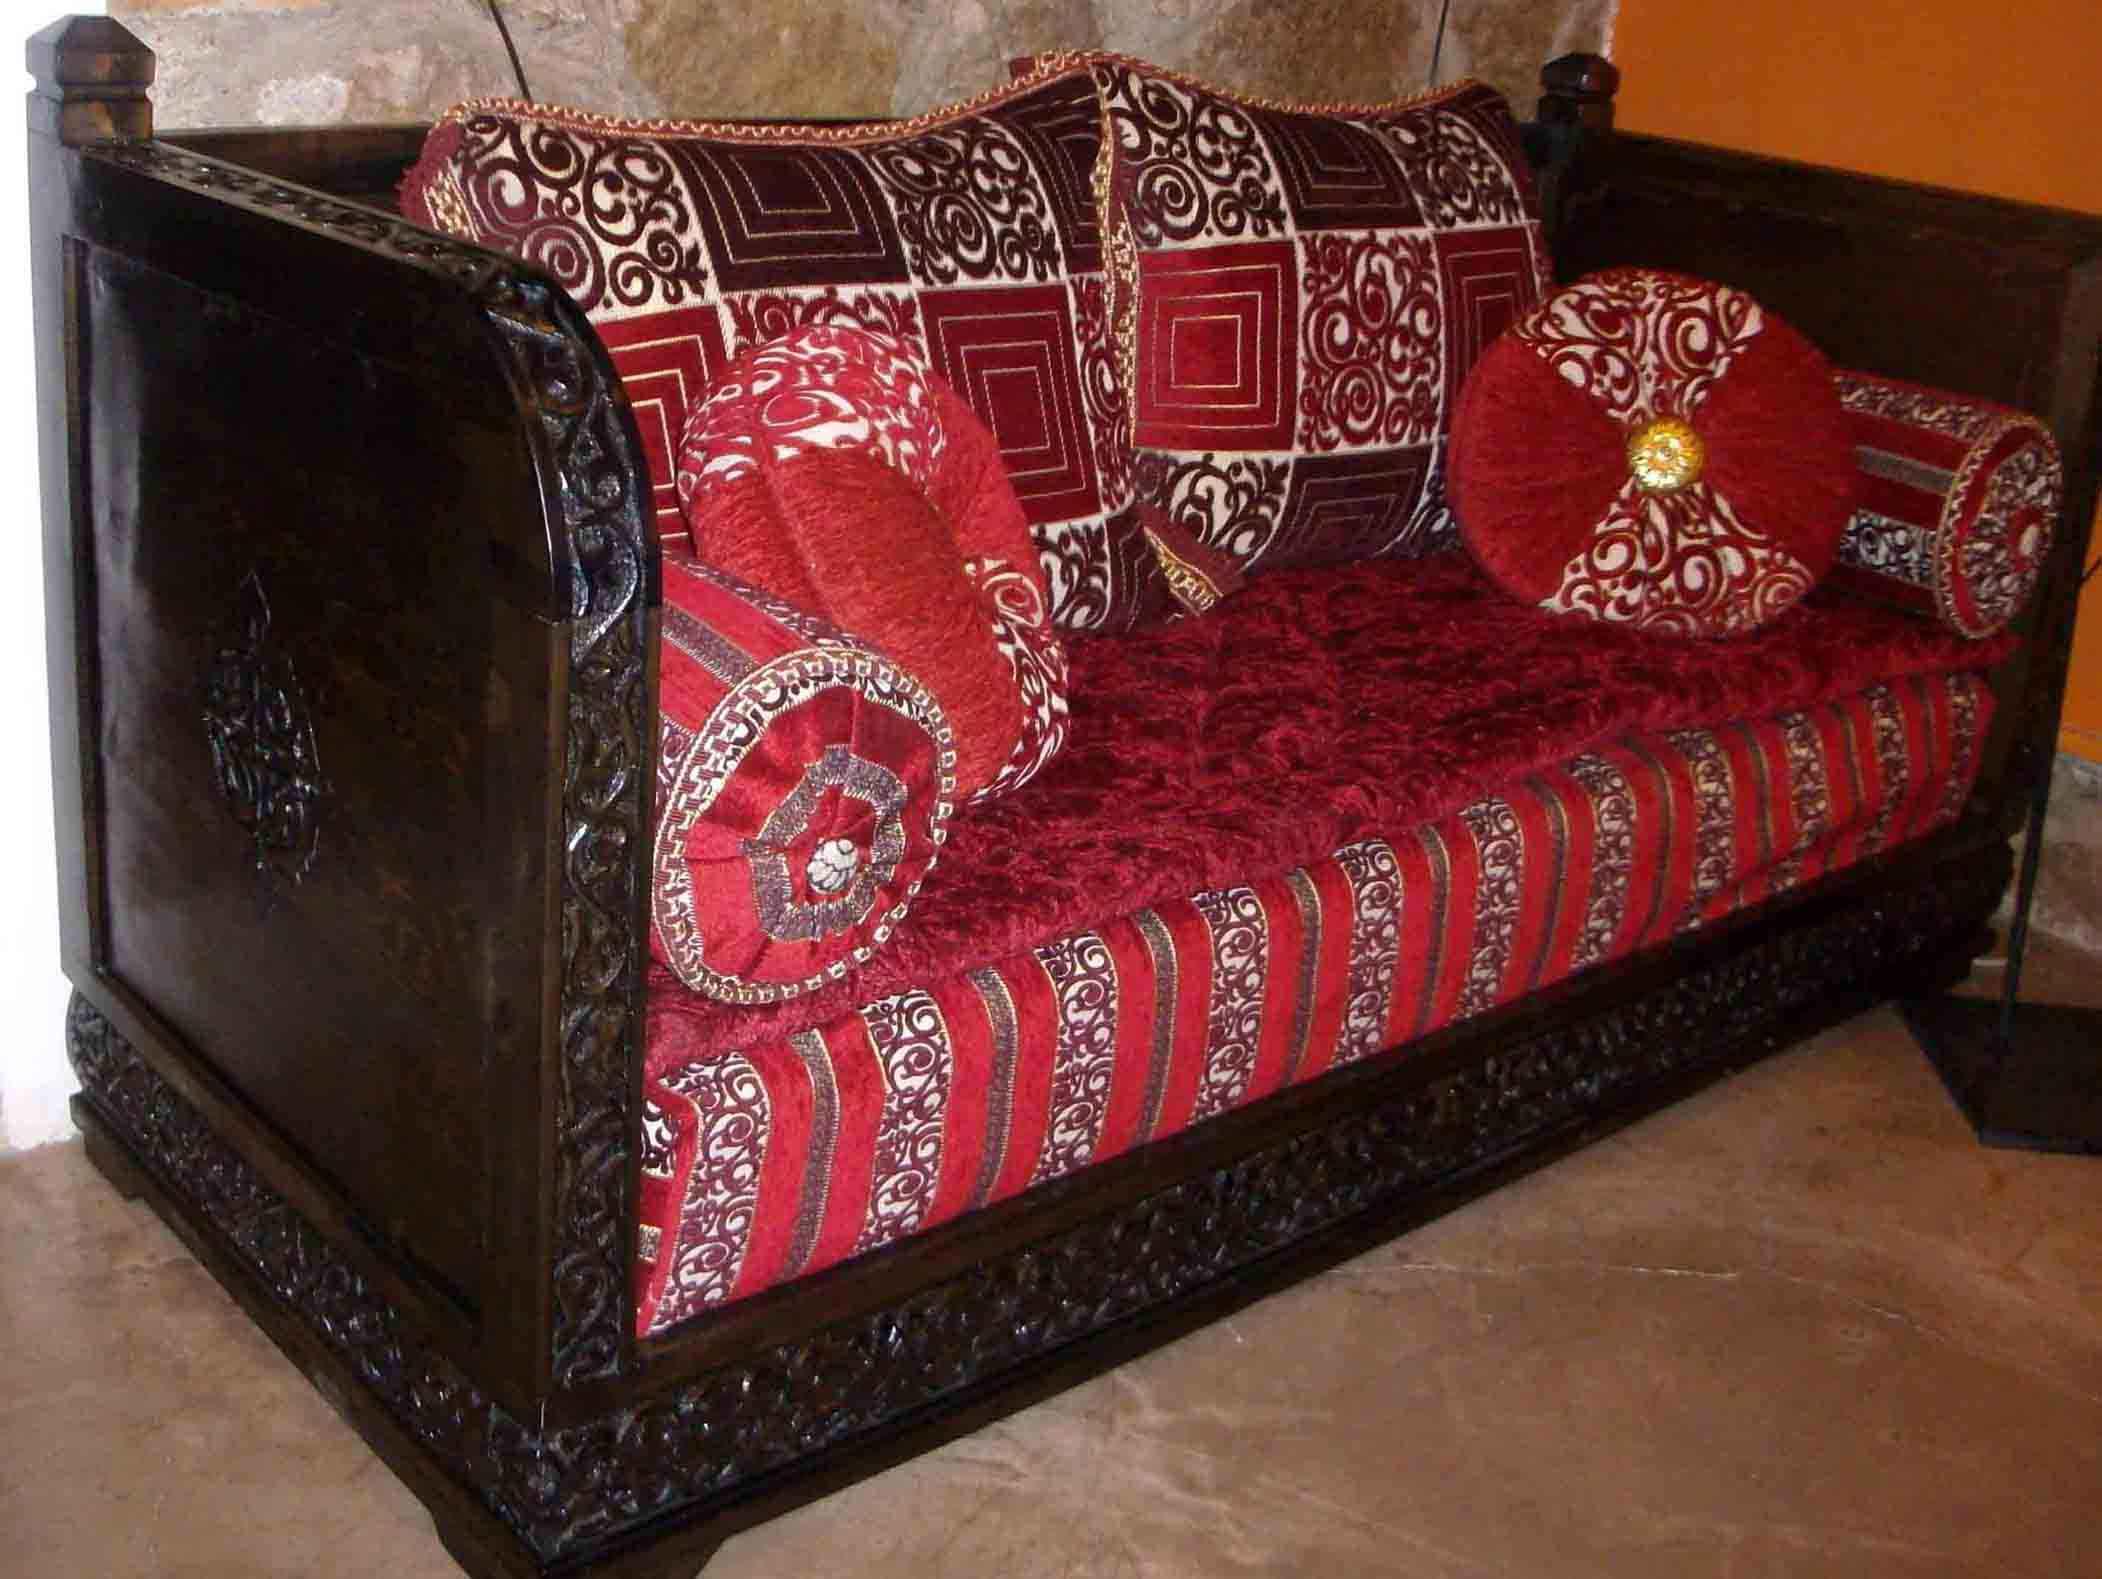 Prodotti arredo in legno di artigianato su misura articoli etnici marocchini ed orientali - Mobili marocchini ...